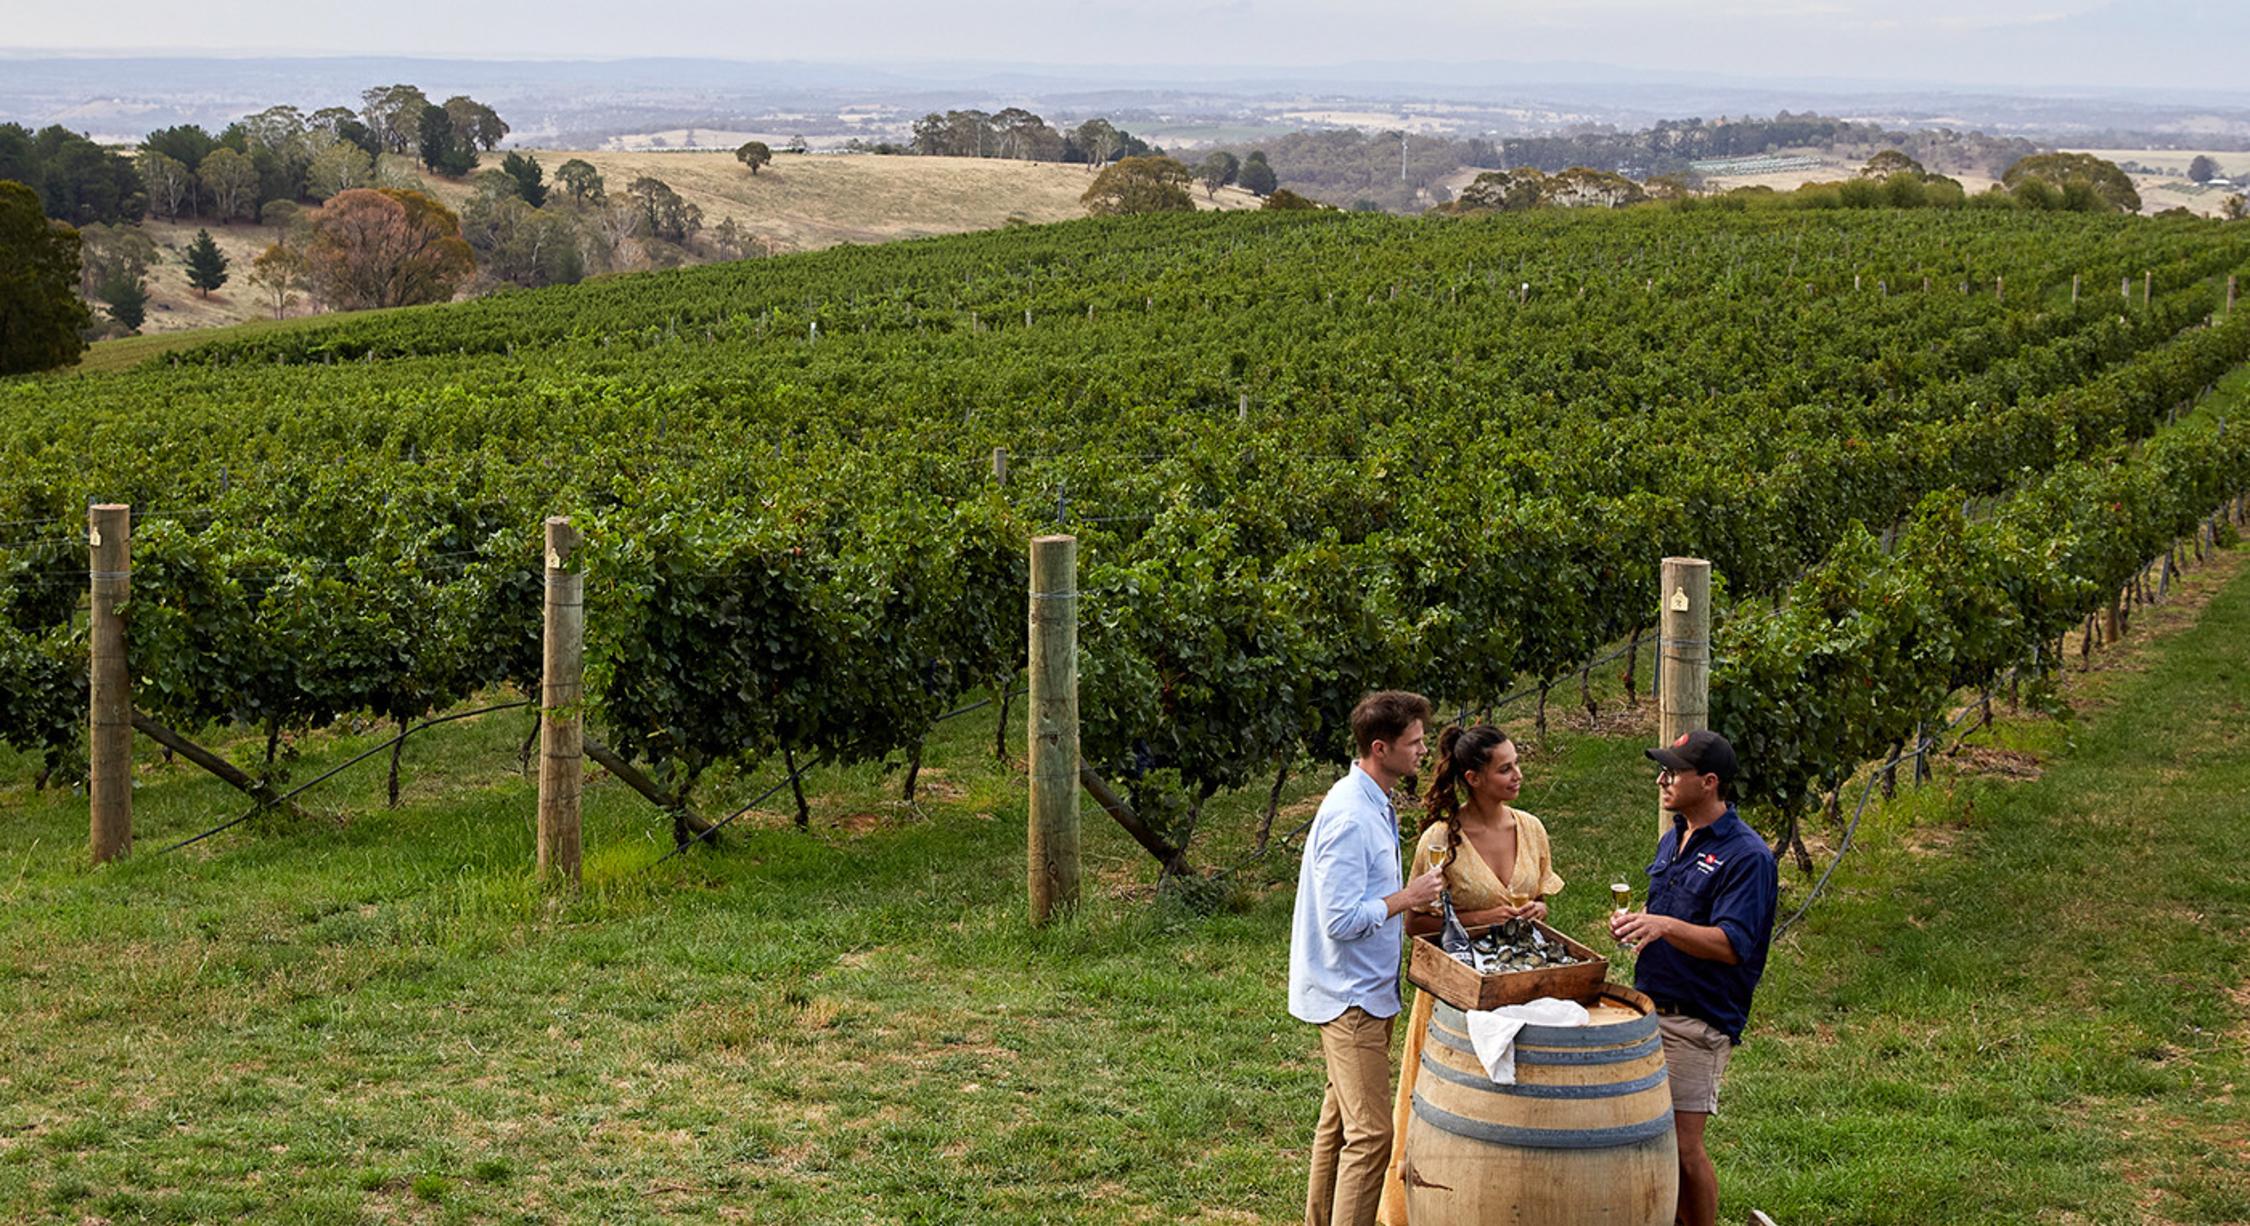 Vineyards in Orange